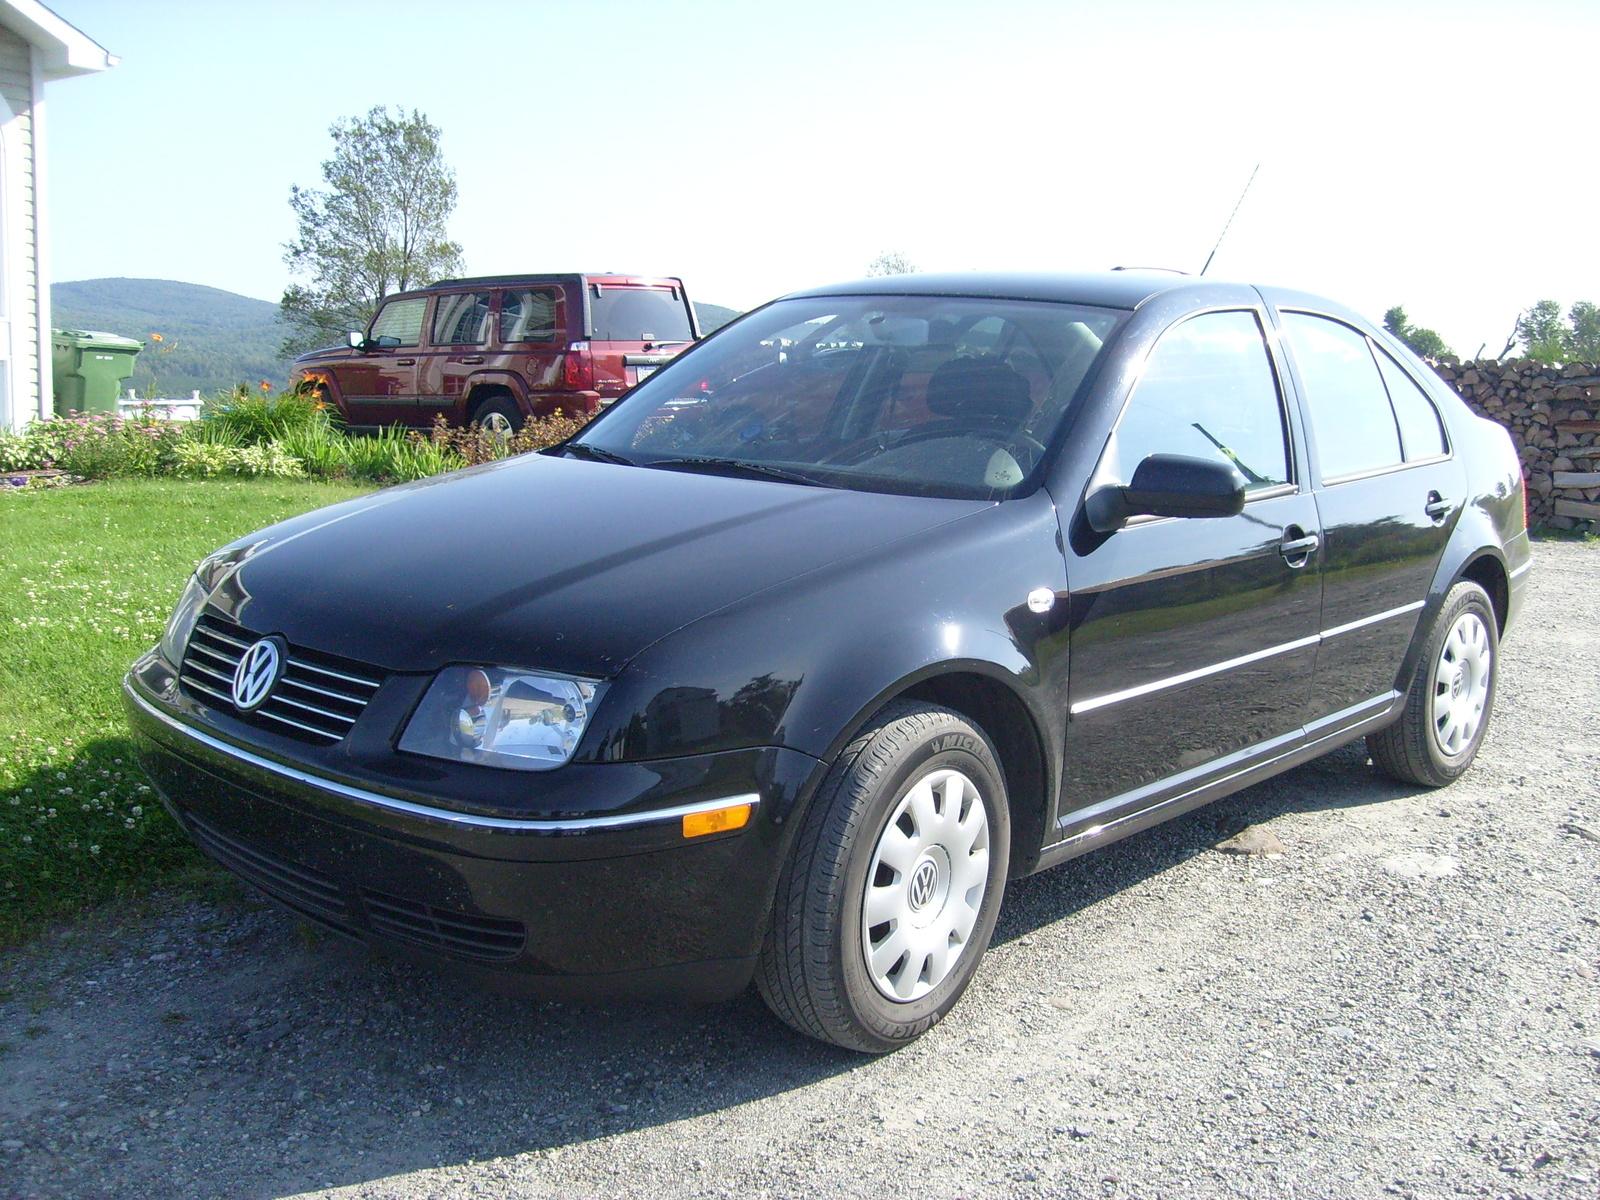 1999 Volkswagen Jetta - Exterior Pictures - CarGurus